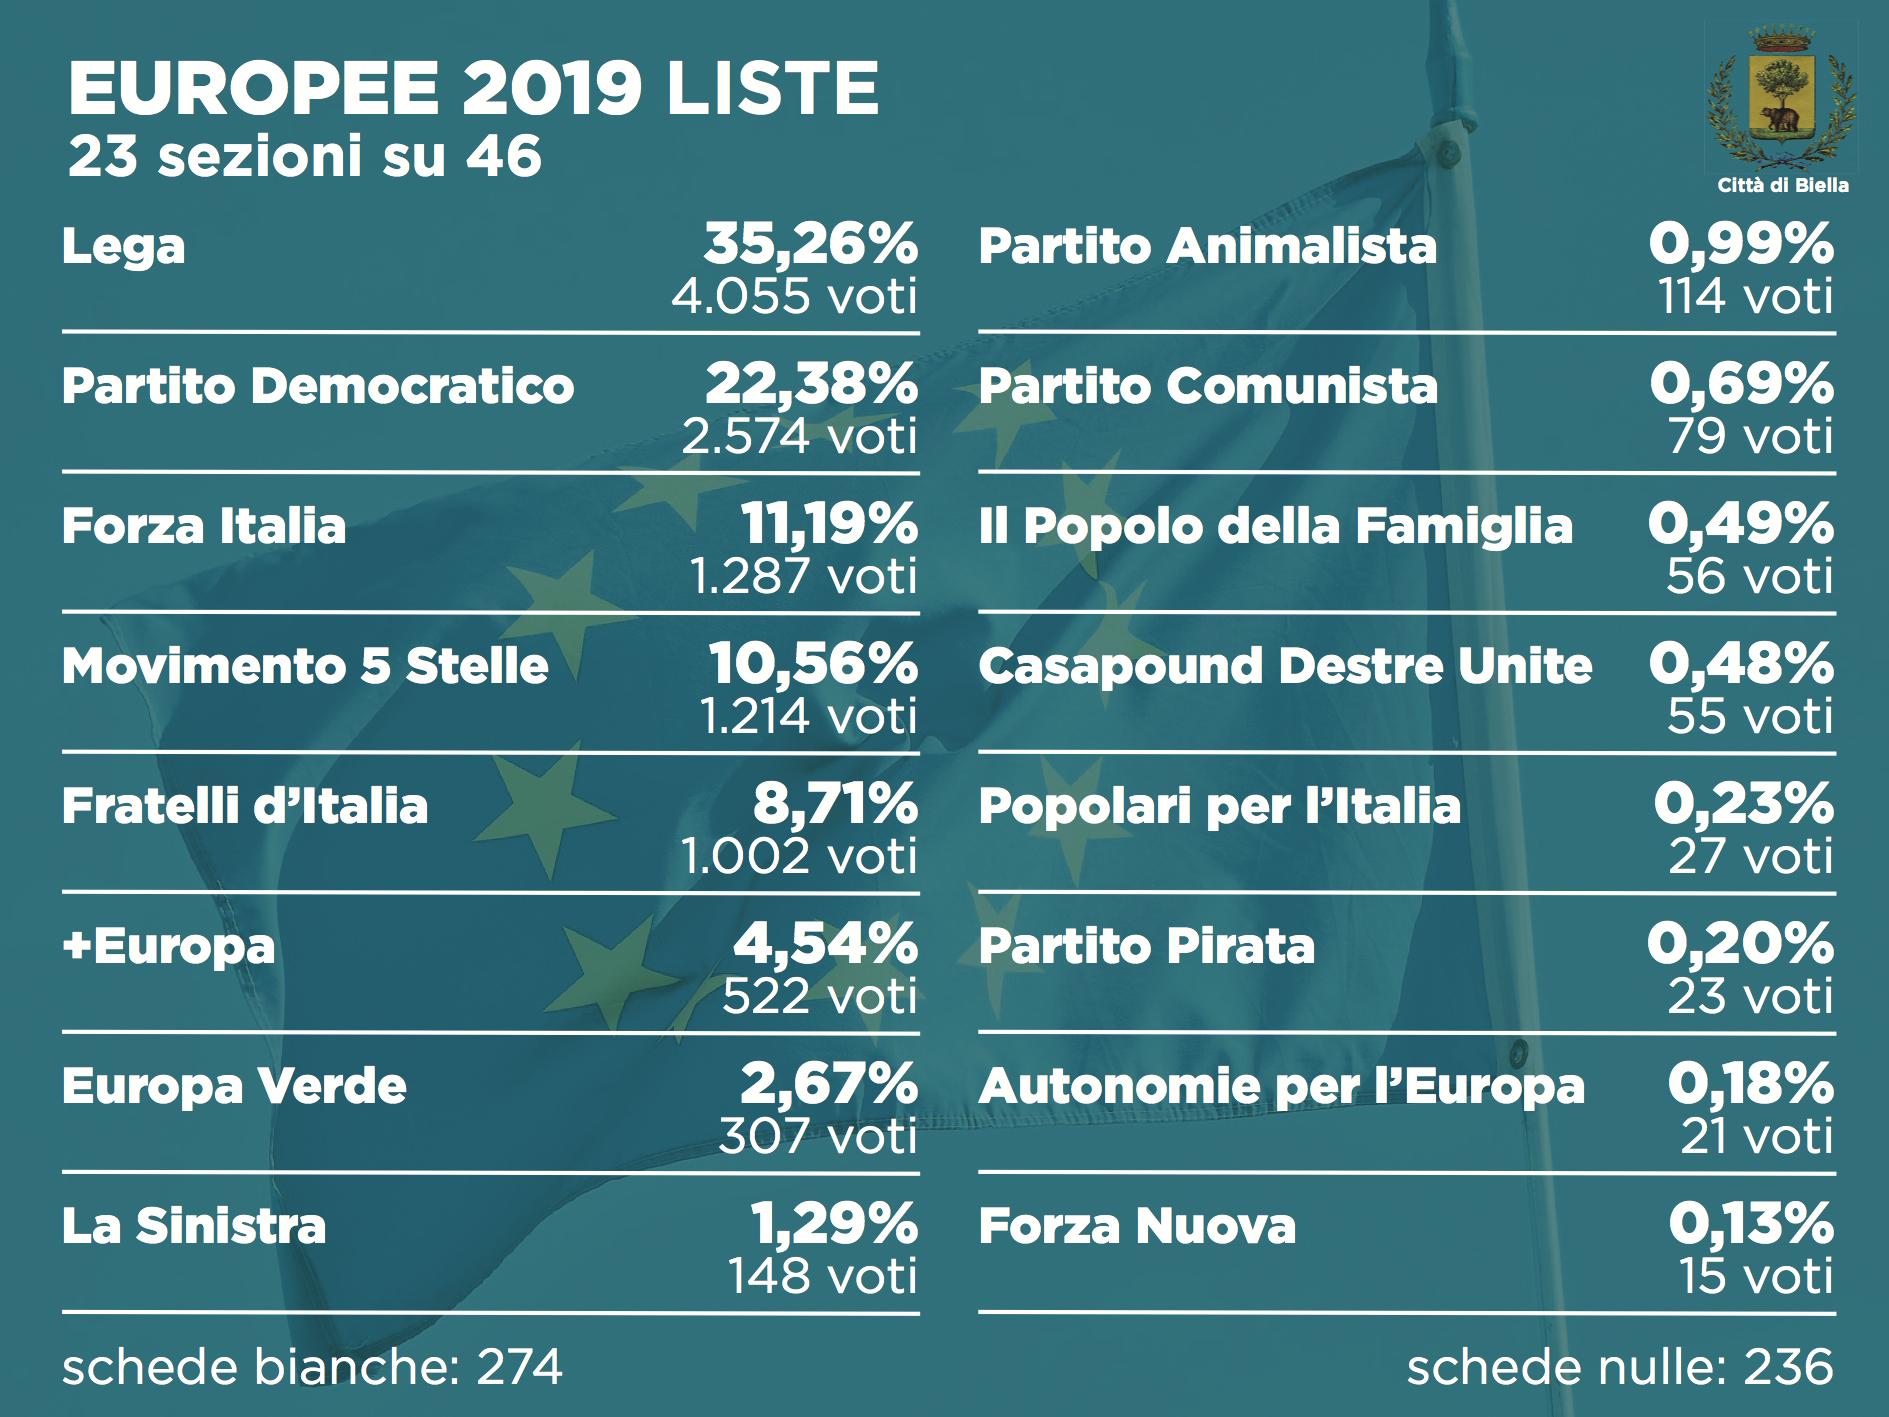 Elezioni 2019, i risultati alle europee dopo 23 sezioni